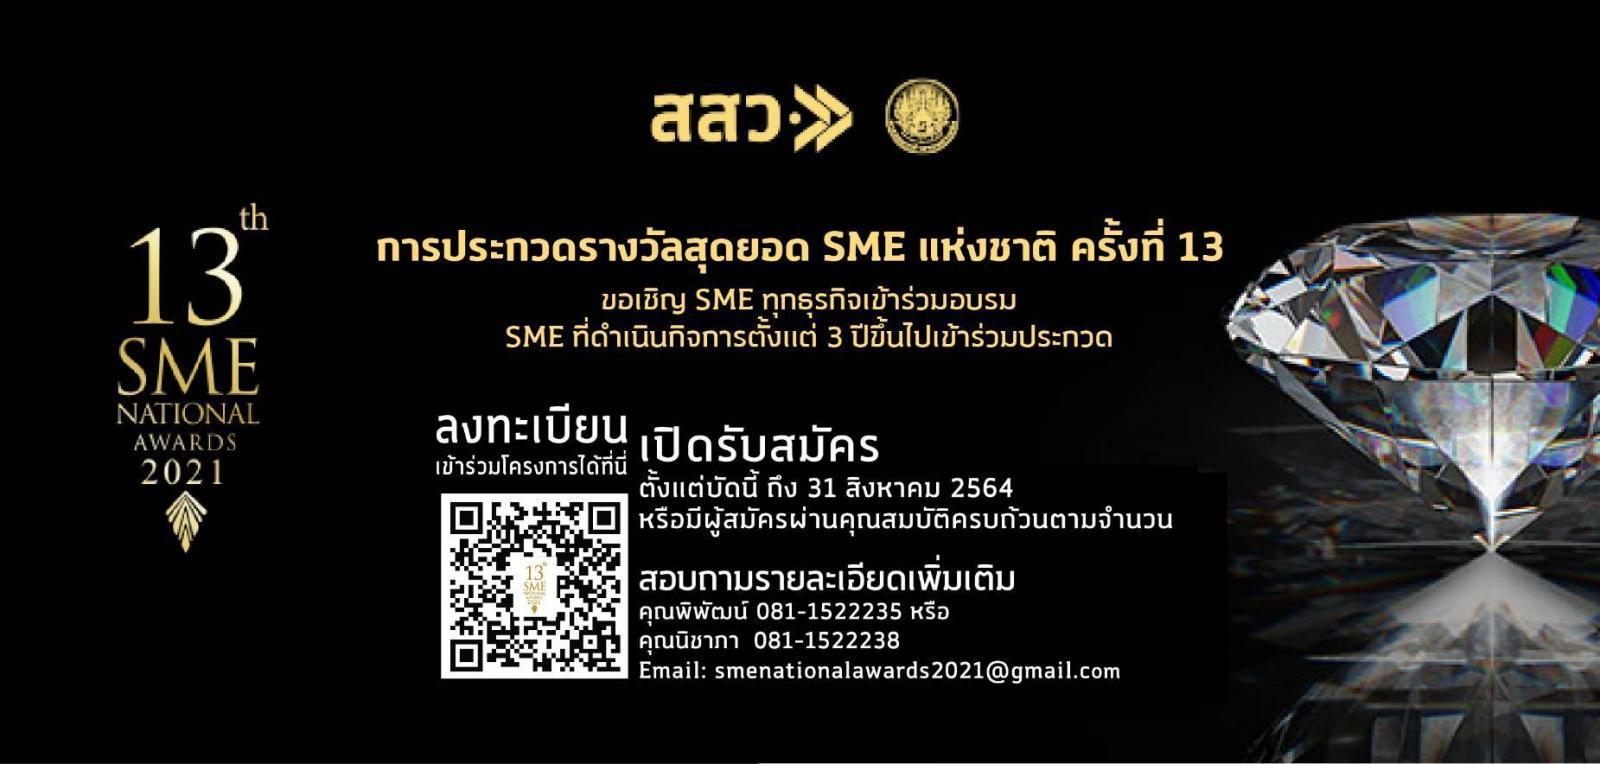 สสว. ชวนผู้ประกอบการ ประกวดสุดยอด SME แห่งชาติครั้งที่ 13